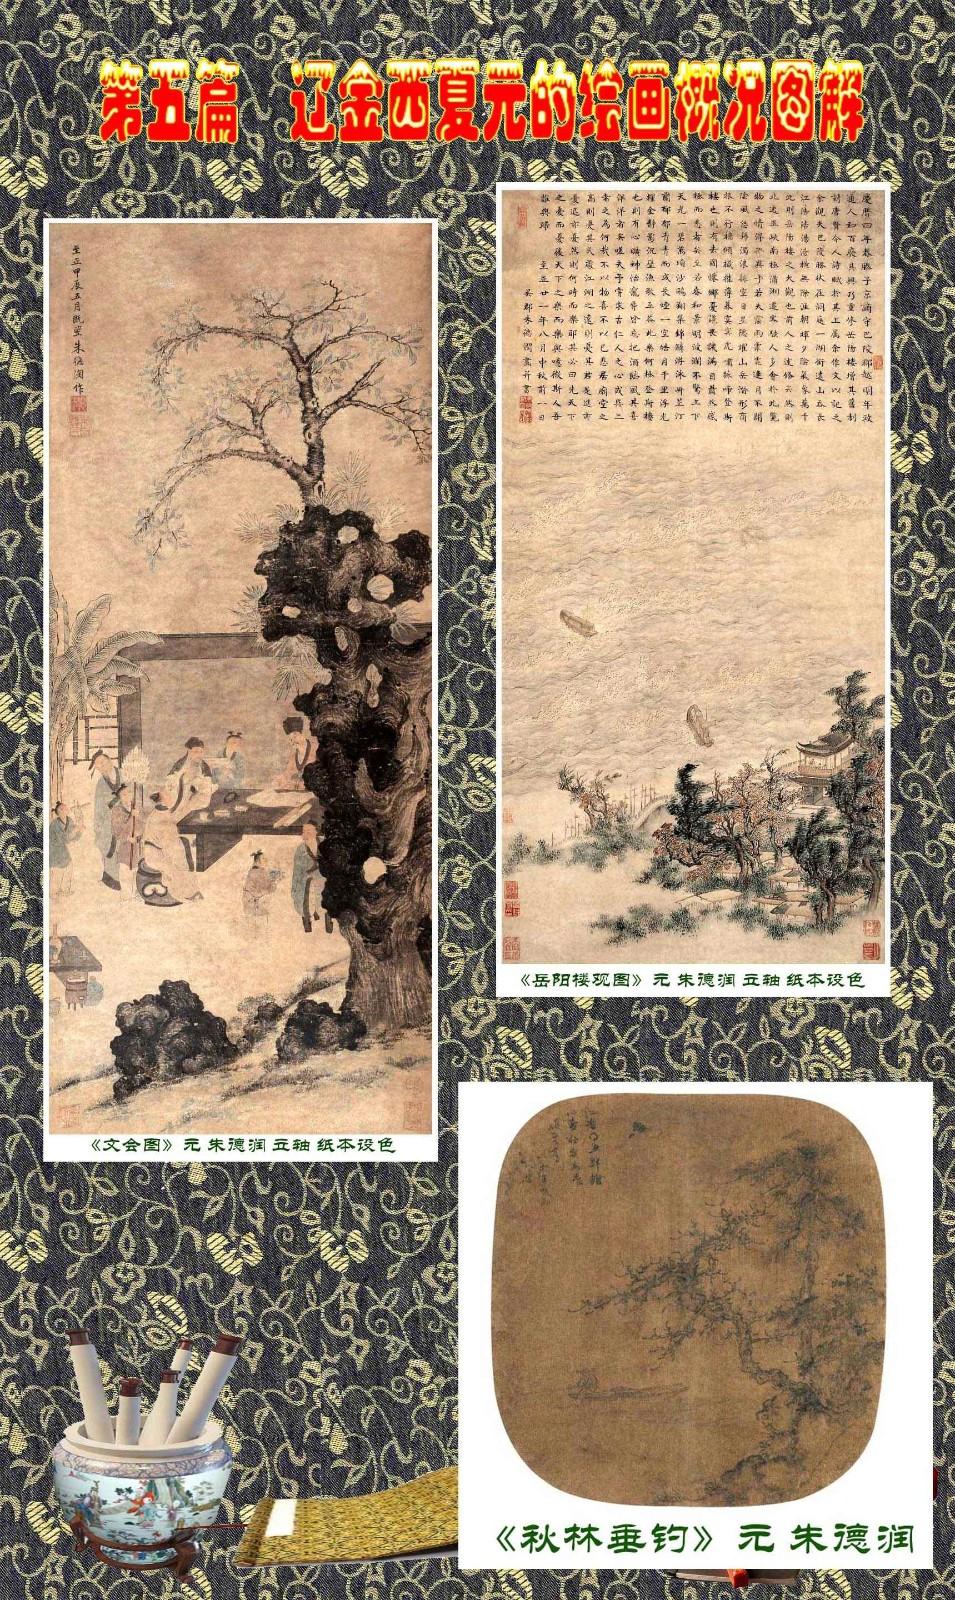 顾绍骅编辑 中国画知识普及版 第五篇 辽金西夏元的绘画概况 下 ... ..._图1-30